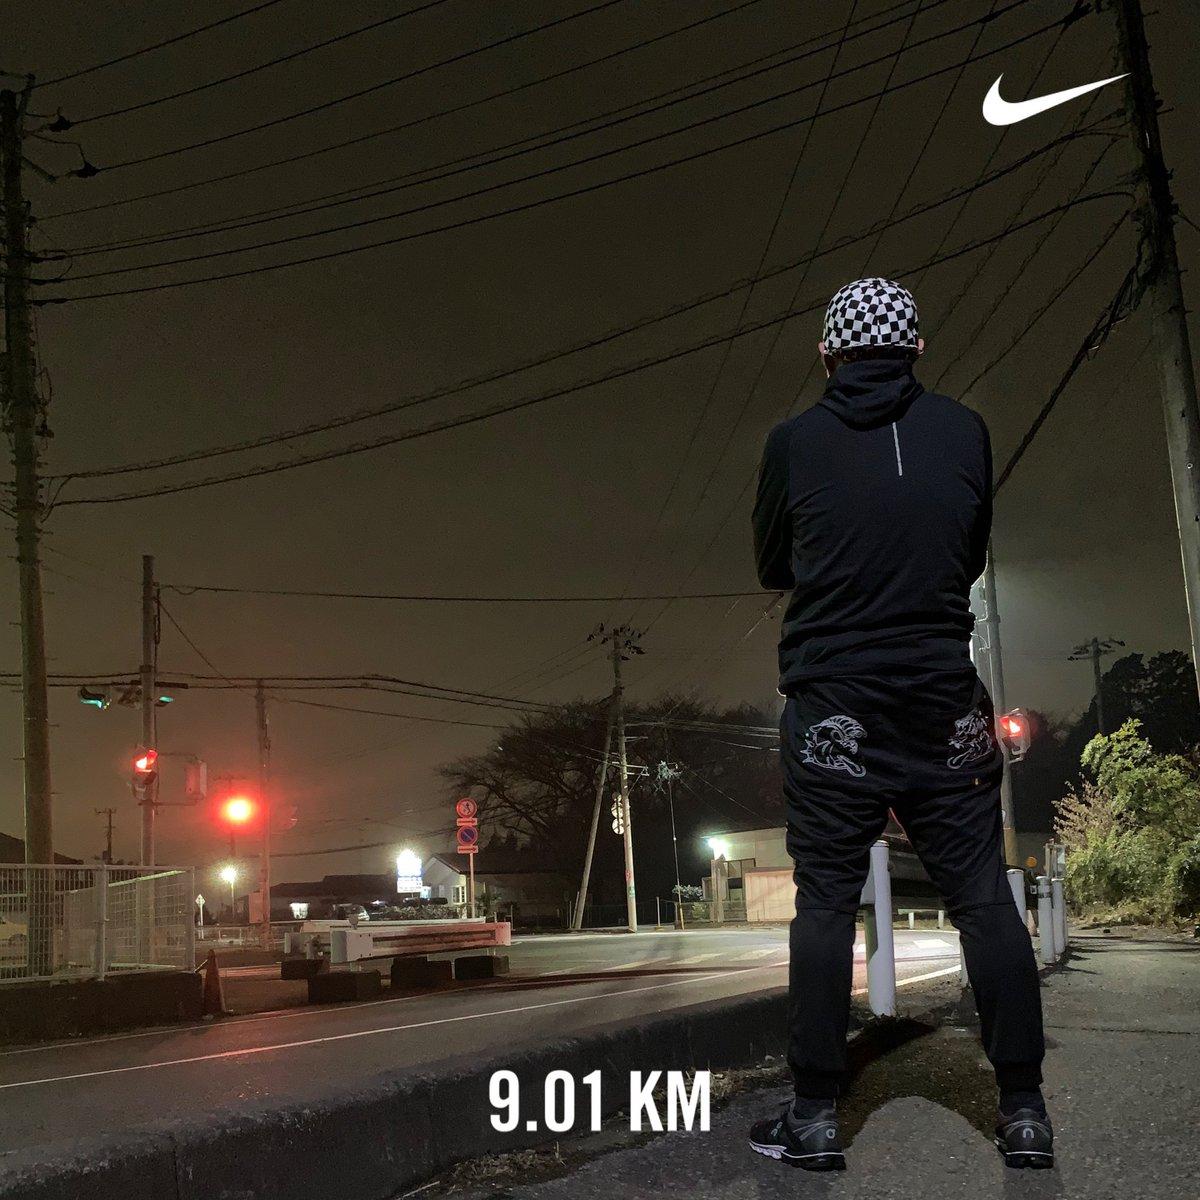 夜ラン そろそろあの3人組にパワーを貰いたいと思いながら走りました。 #幡ヶ谷再生大学陸上部 #mobstyles #peace_and_mosh  #highup_kure #Nikerunclub #on #Histandard #TheGift